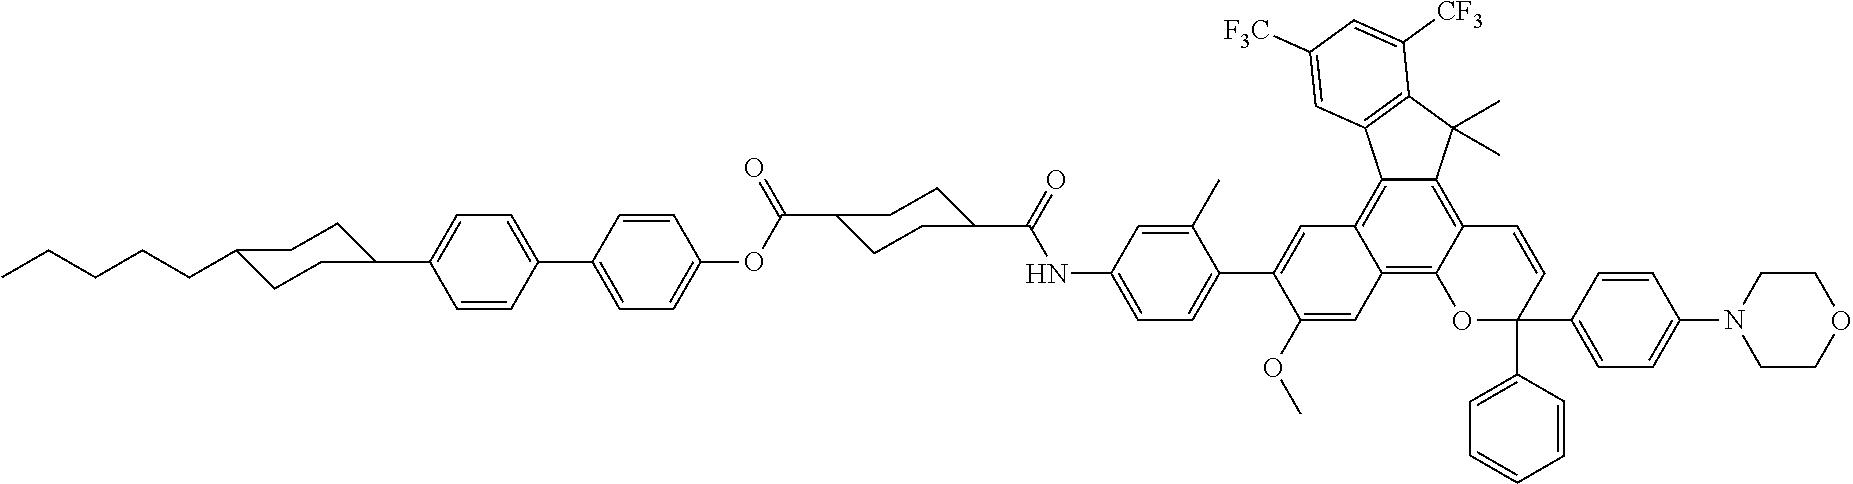 Figure US08518546-20130827-C00049